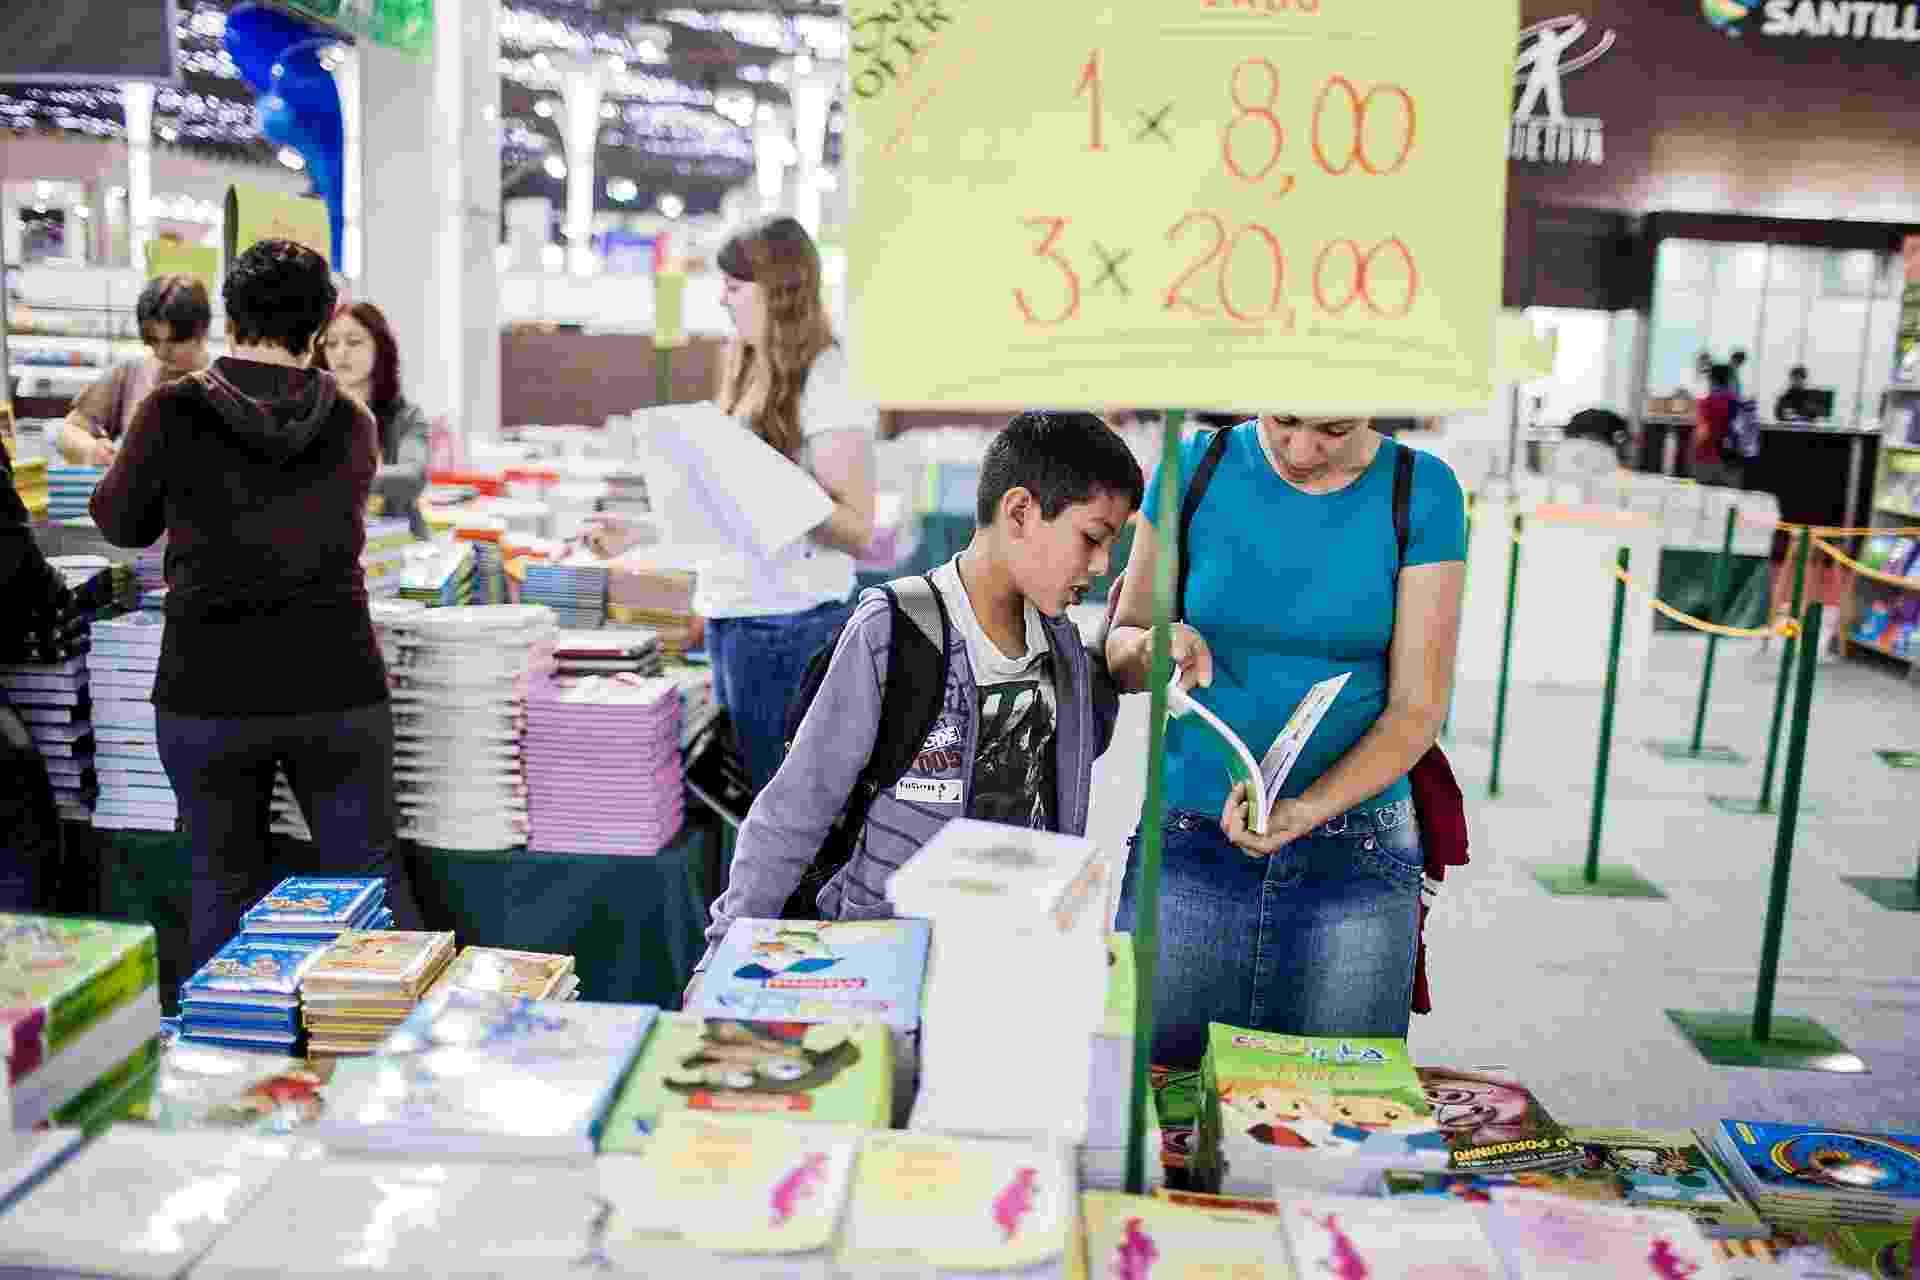 Público começa a circular pela 22º edição da Bienal Internacional, que foi aberta nesta quinta-feira (9/8/2012) - Leonardo Soares/UOL